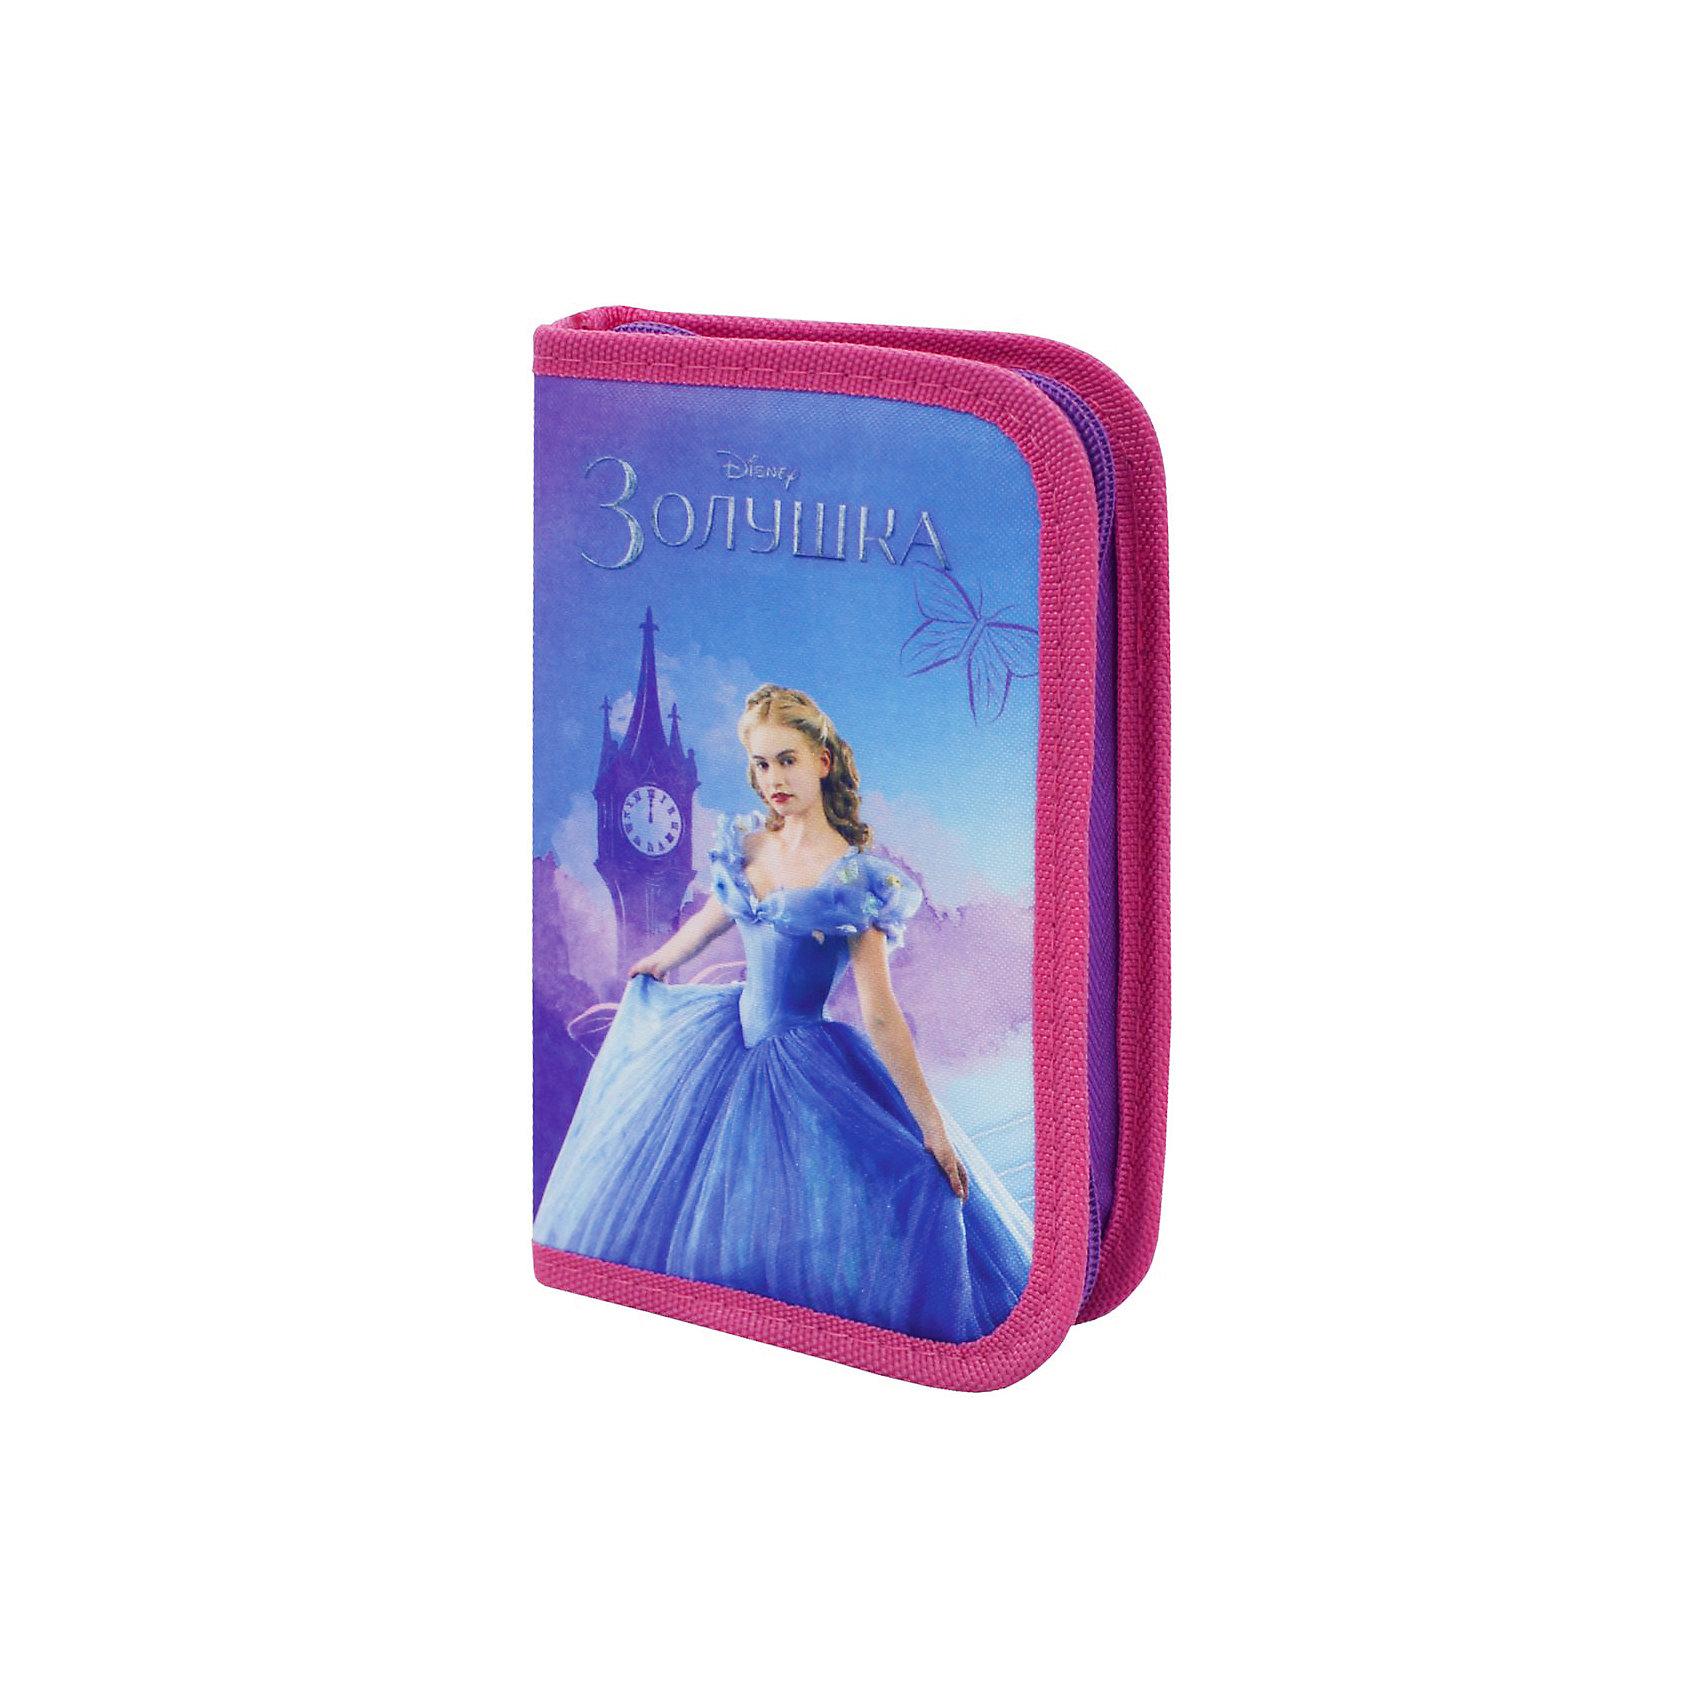 Росмэн Пенал Золушка, Принцессы Дисней кукла золушка 7 5 см принцессы дисней